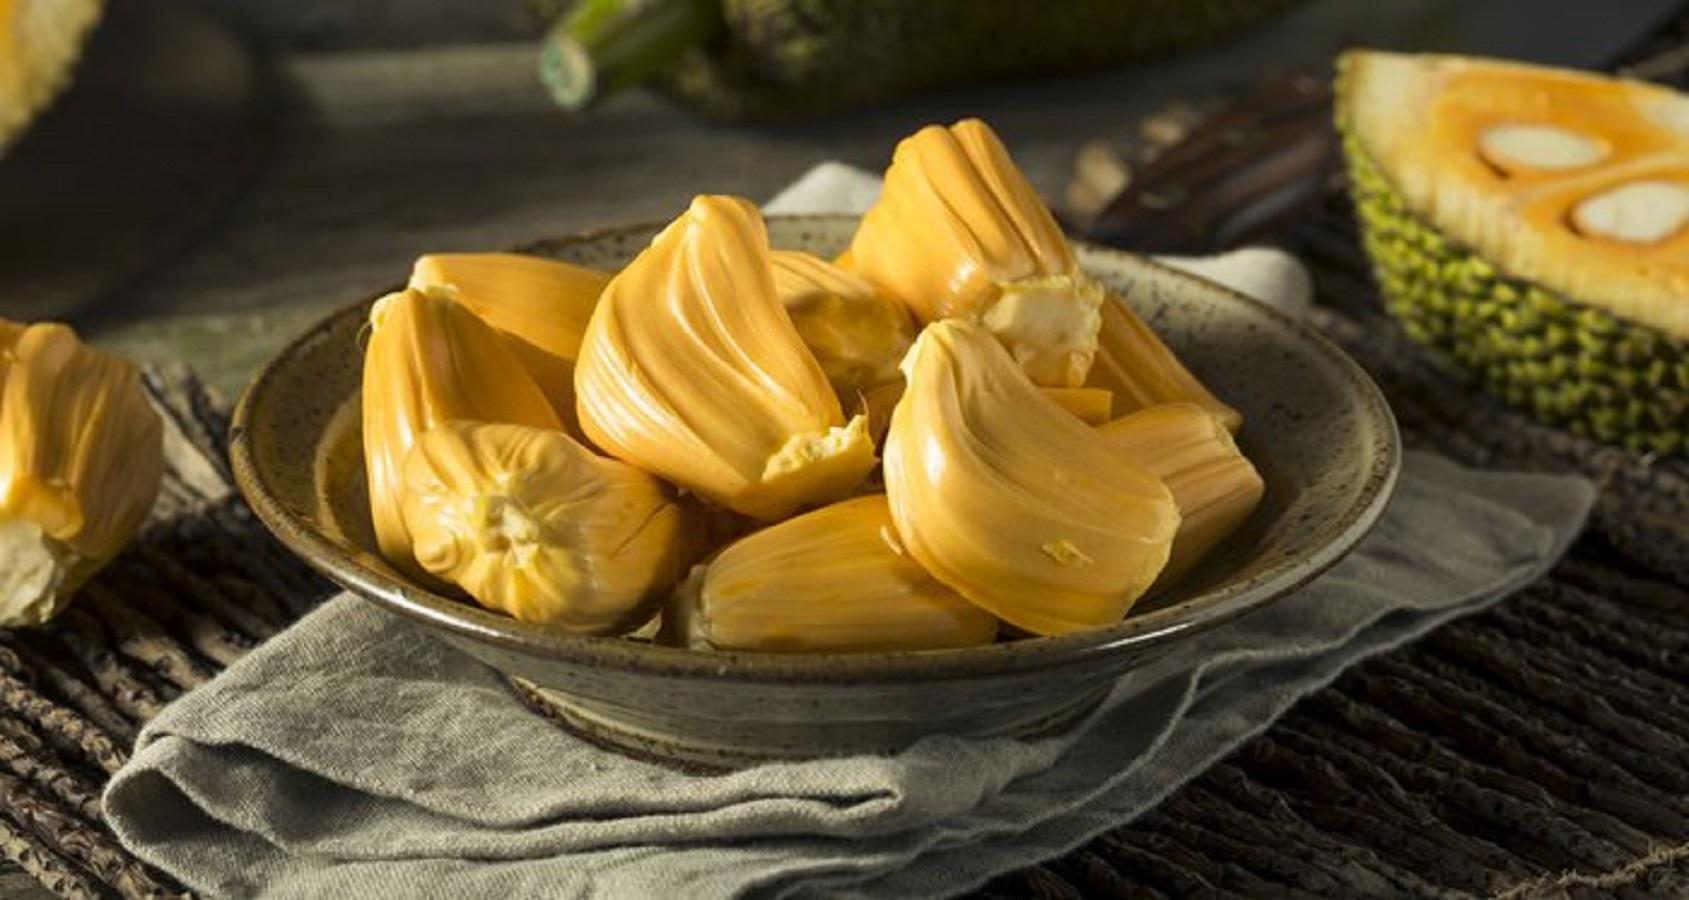 Dieta dei cibi gialli contro infarto e malattie cardiovascolari